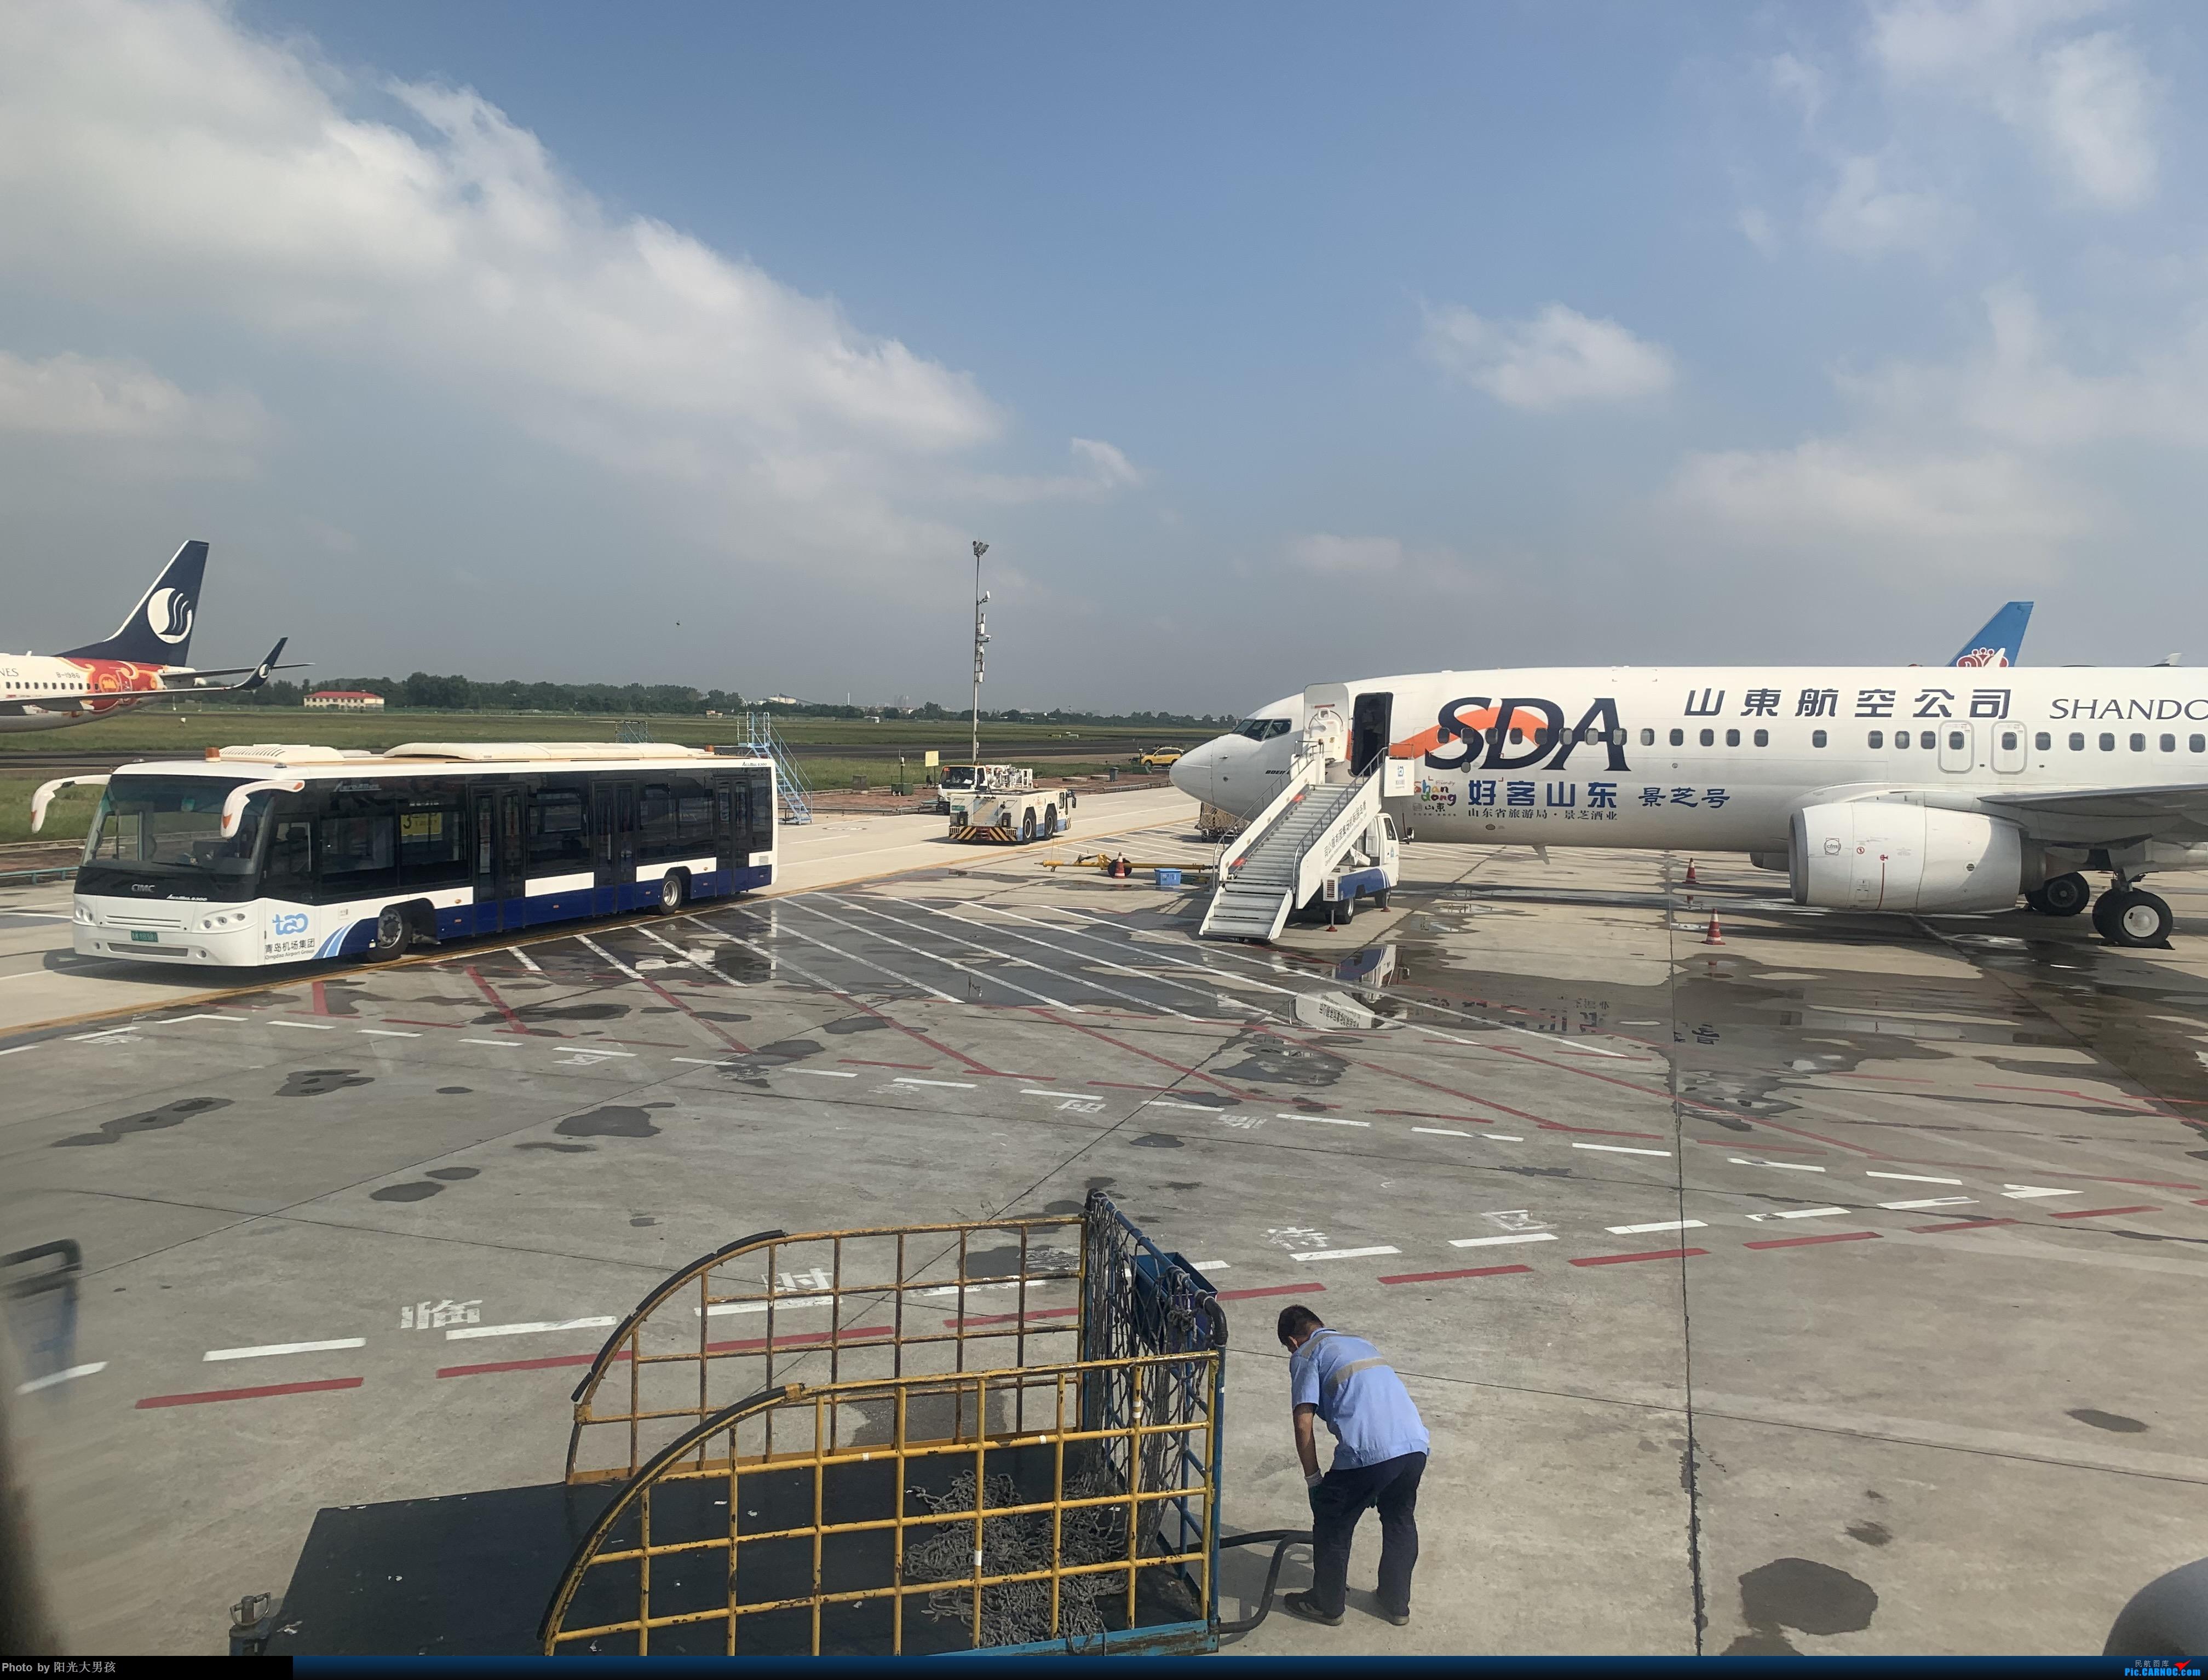 Re:[原创]山航738重庆-青岛-大连,再见!重庆,下次再见! BOEING 737-800 B-5117 机上(8F)